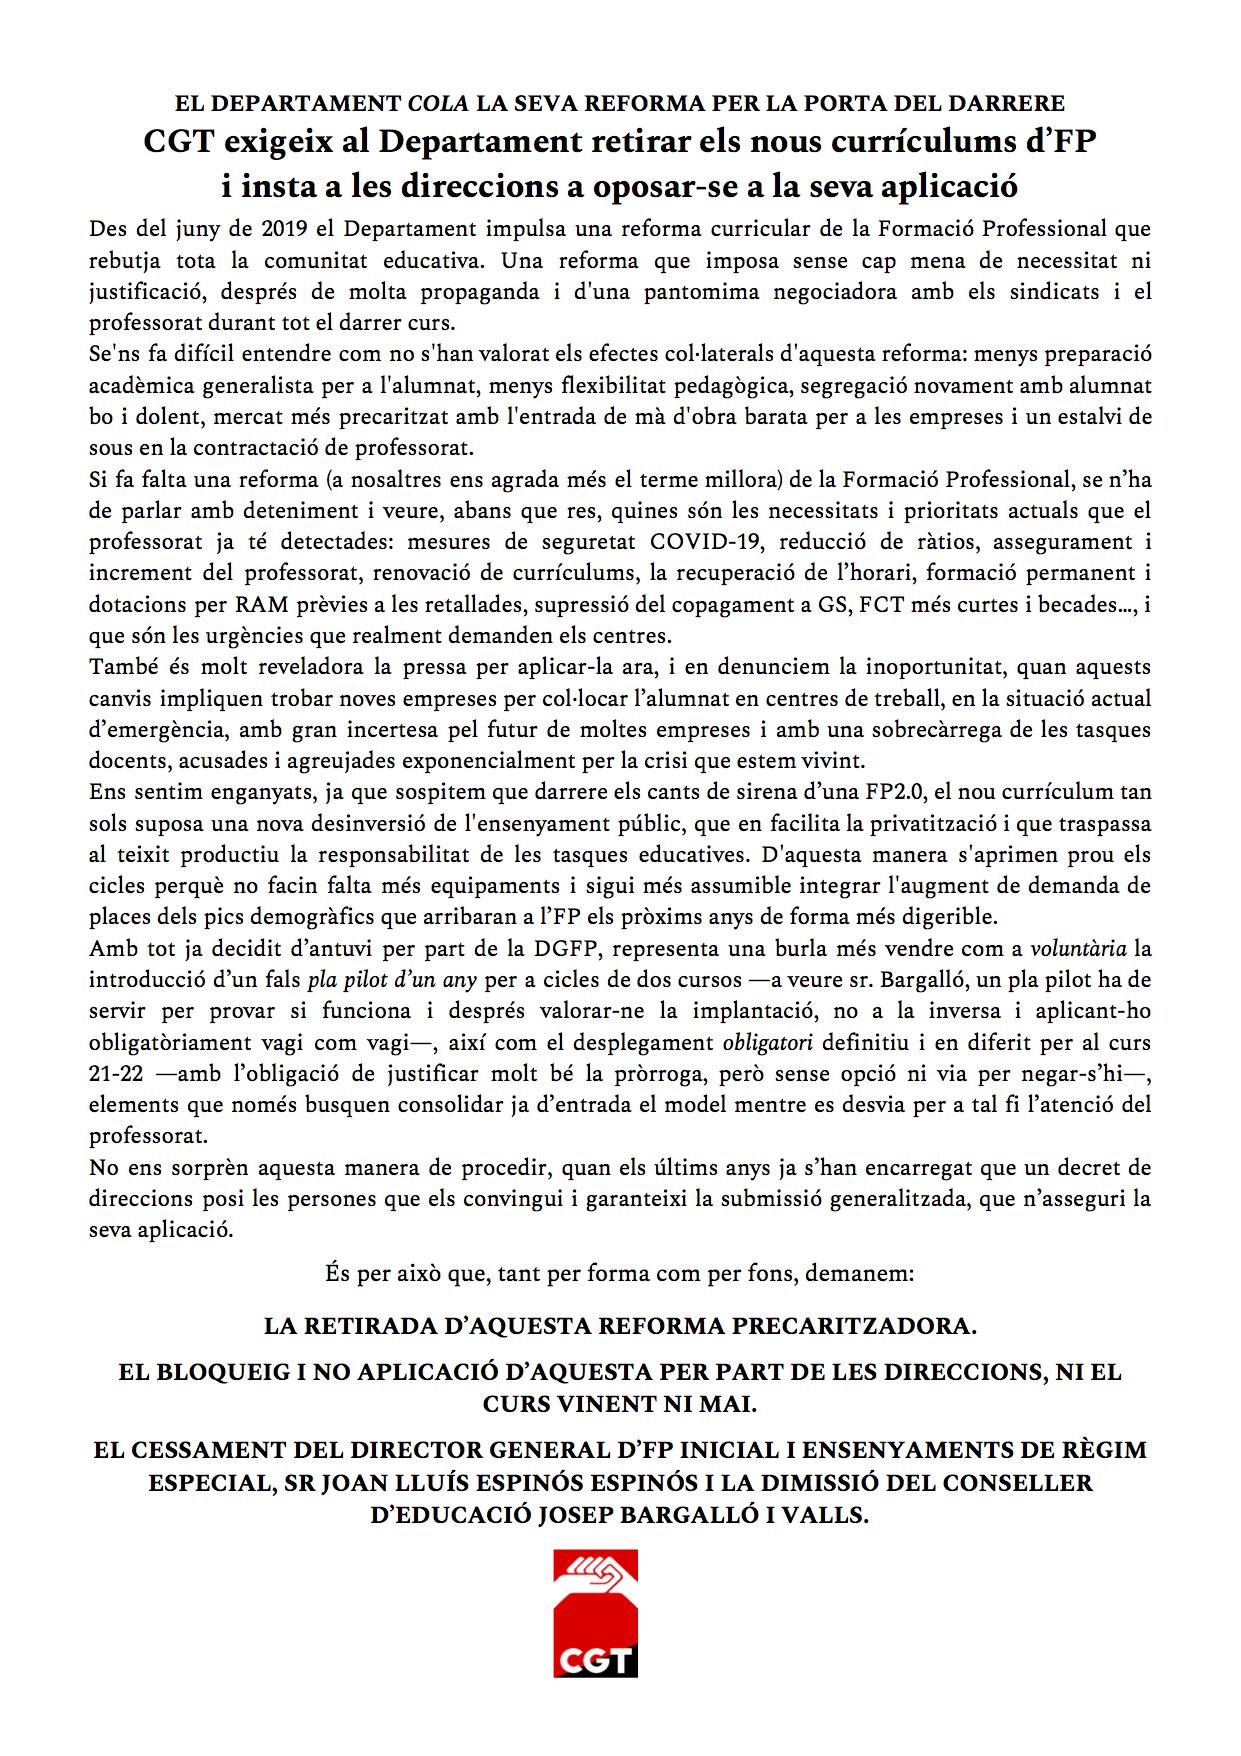 2020-06-02_cgtcomunicatfpa.png